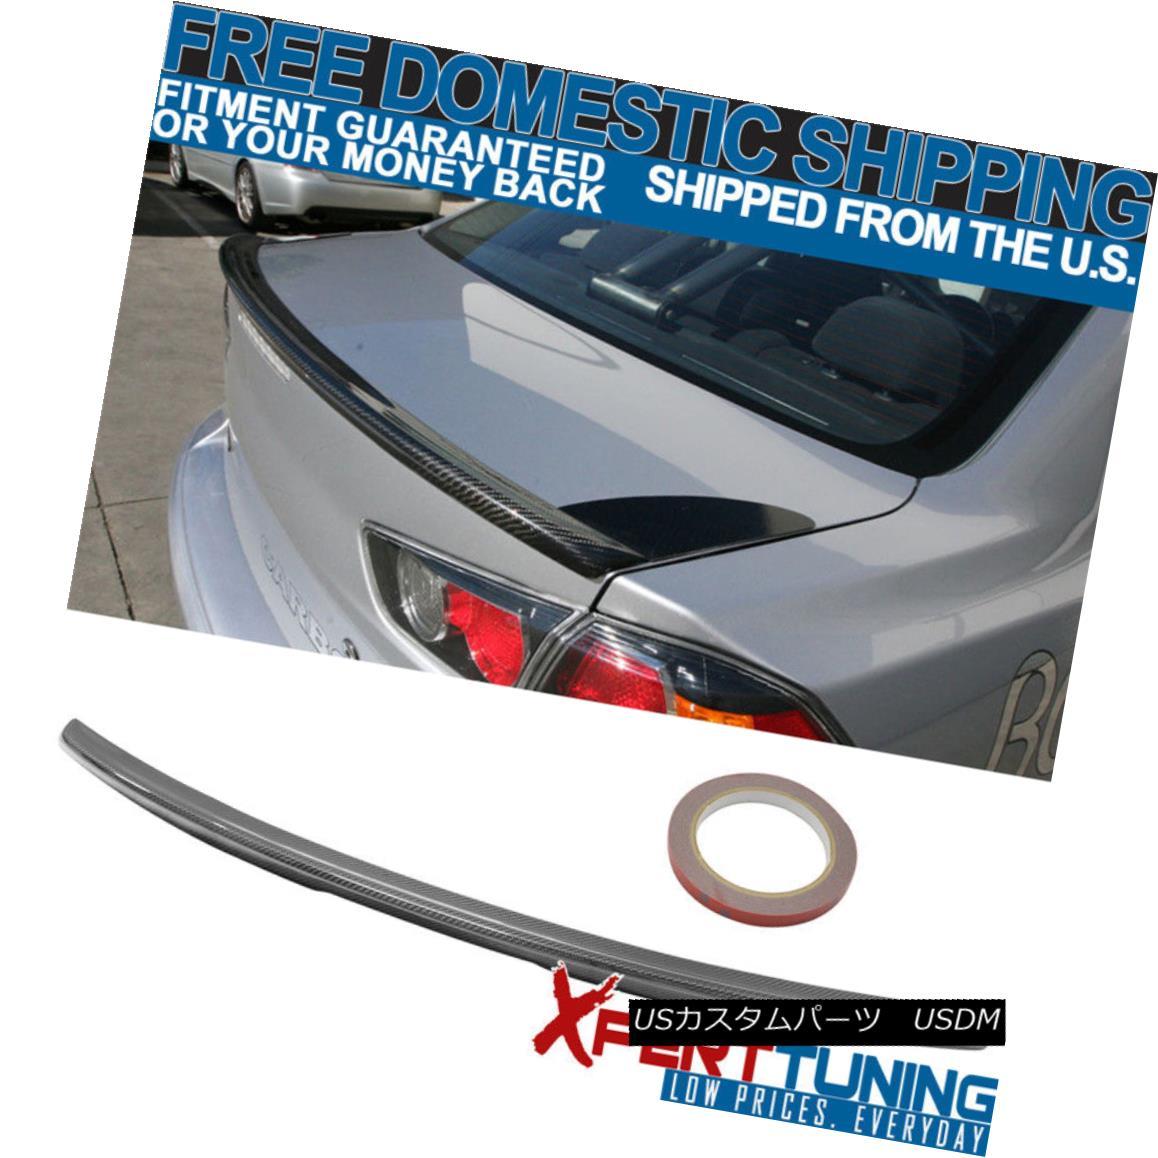 エアロパーツ 08-15 Mitsubishi Lancer Evolution EVO-X MR Style Carbon Fiber CF Trunk Spoiler 08-15三菱ランサーエボリューションEVO-X MRスタイル炭素繊維CFトランク・スポイラー